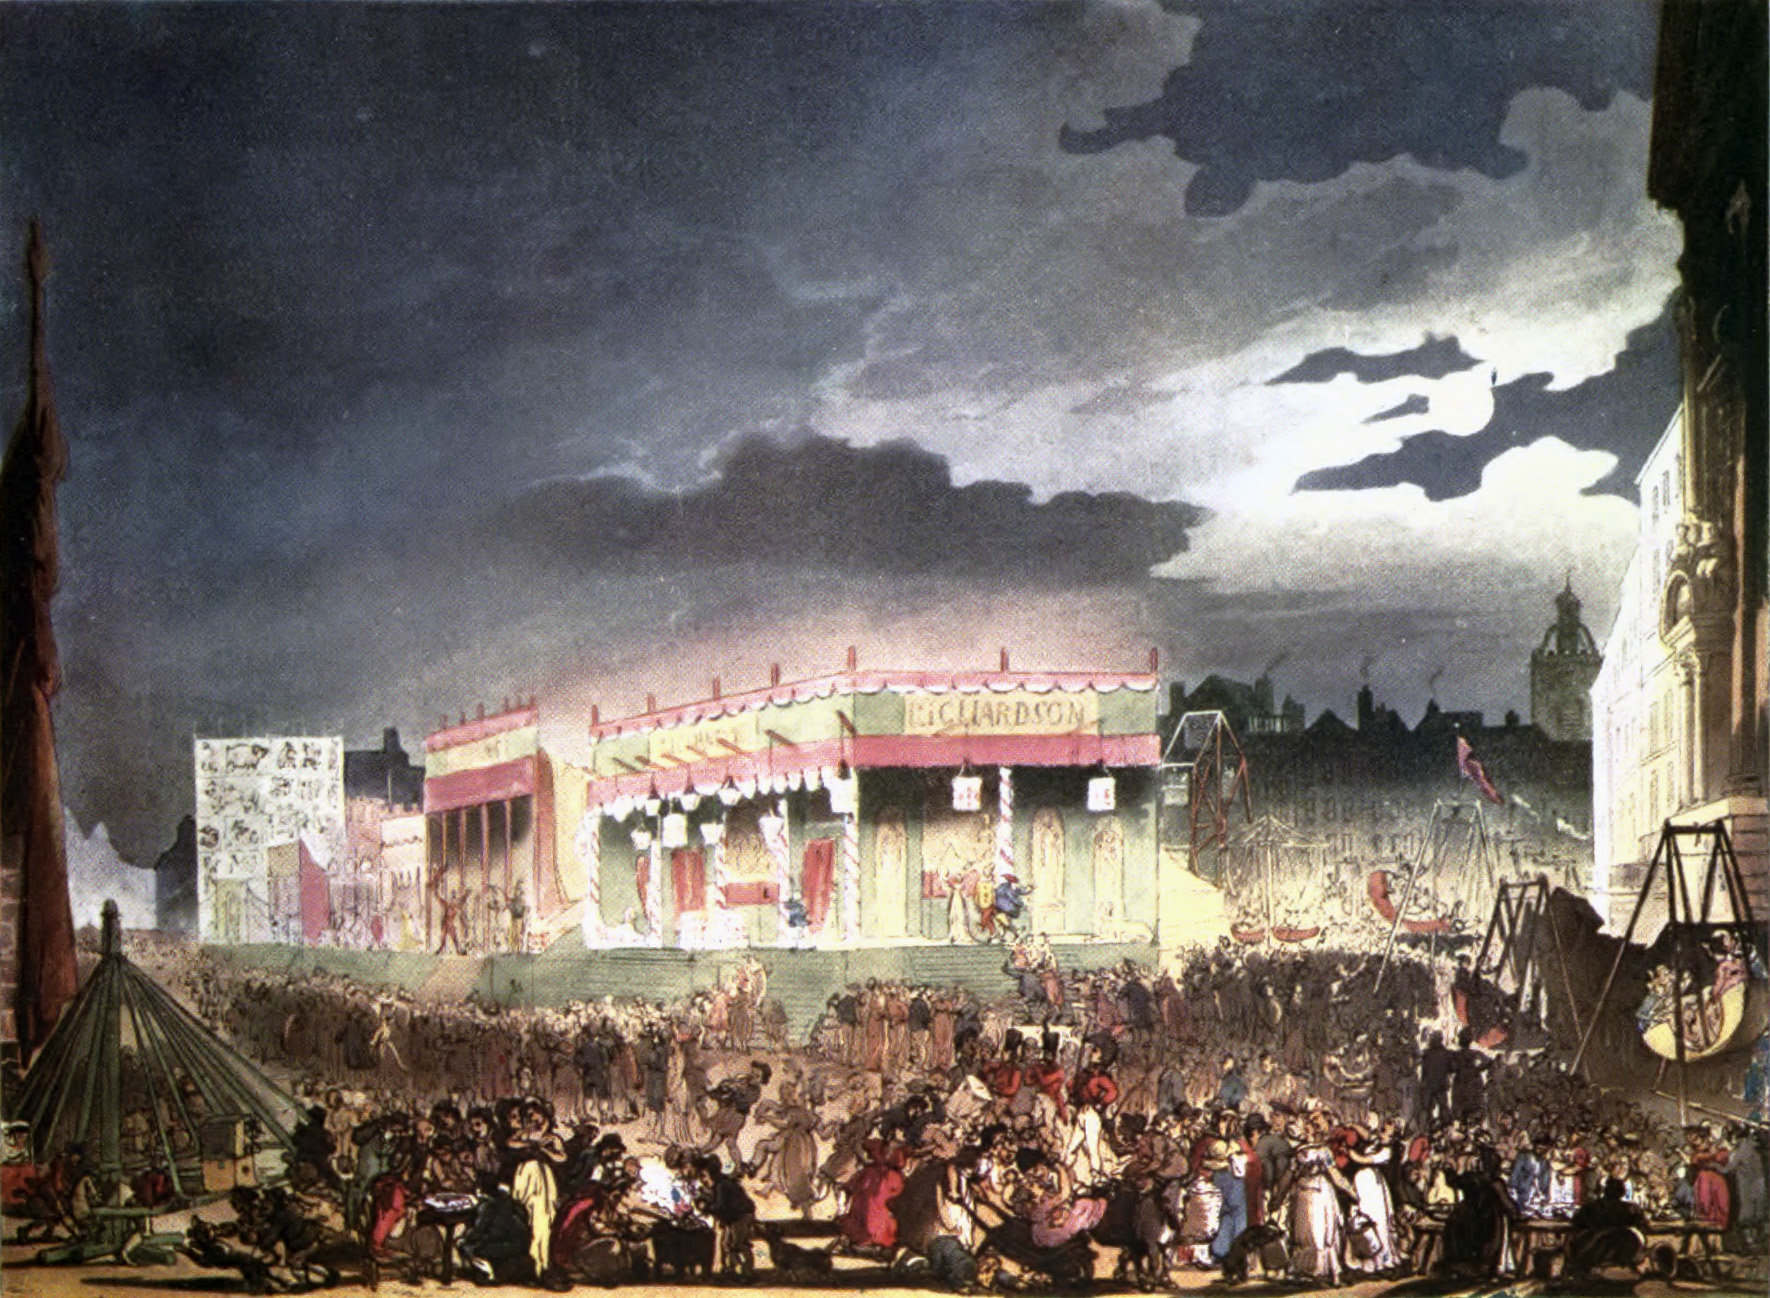 The Last Bartholomew Fair